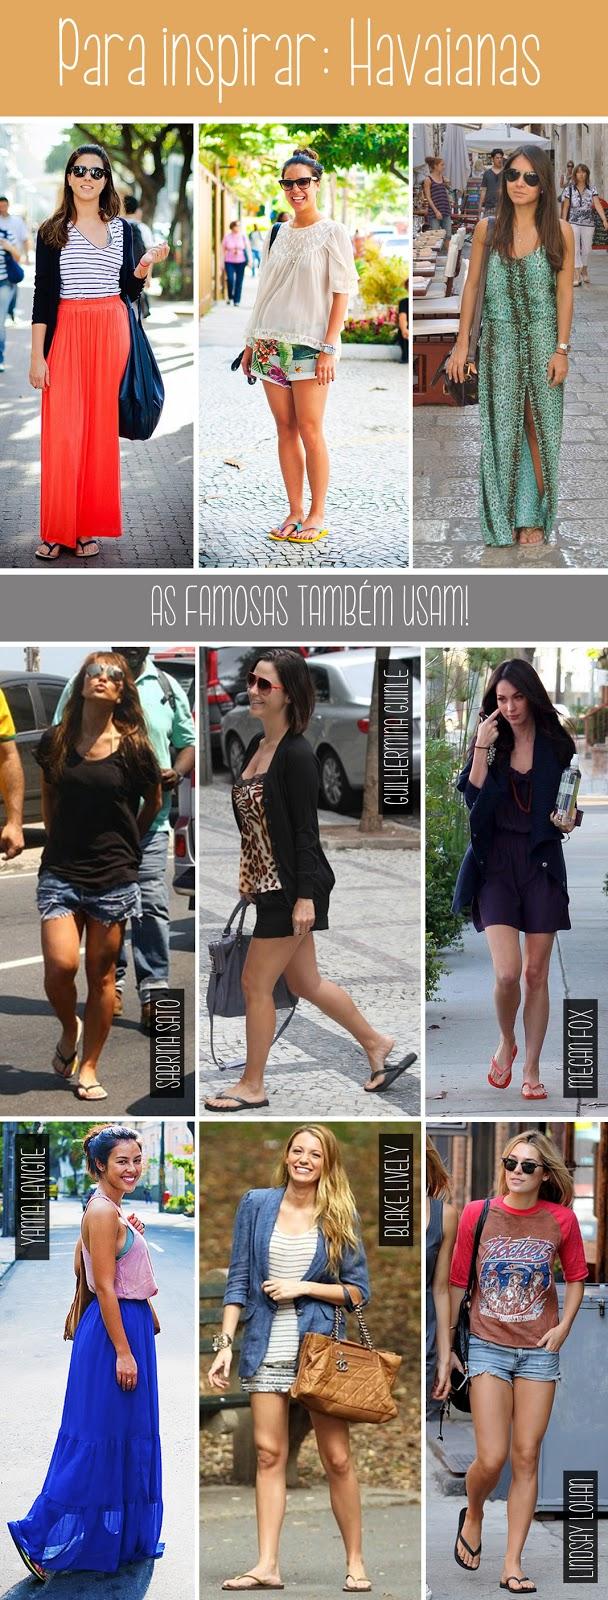 moda, estilo, chinelo, casual, vestido longo, saia longa, glamour, bonita, praia, beleza